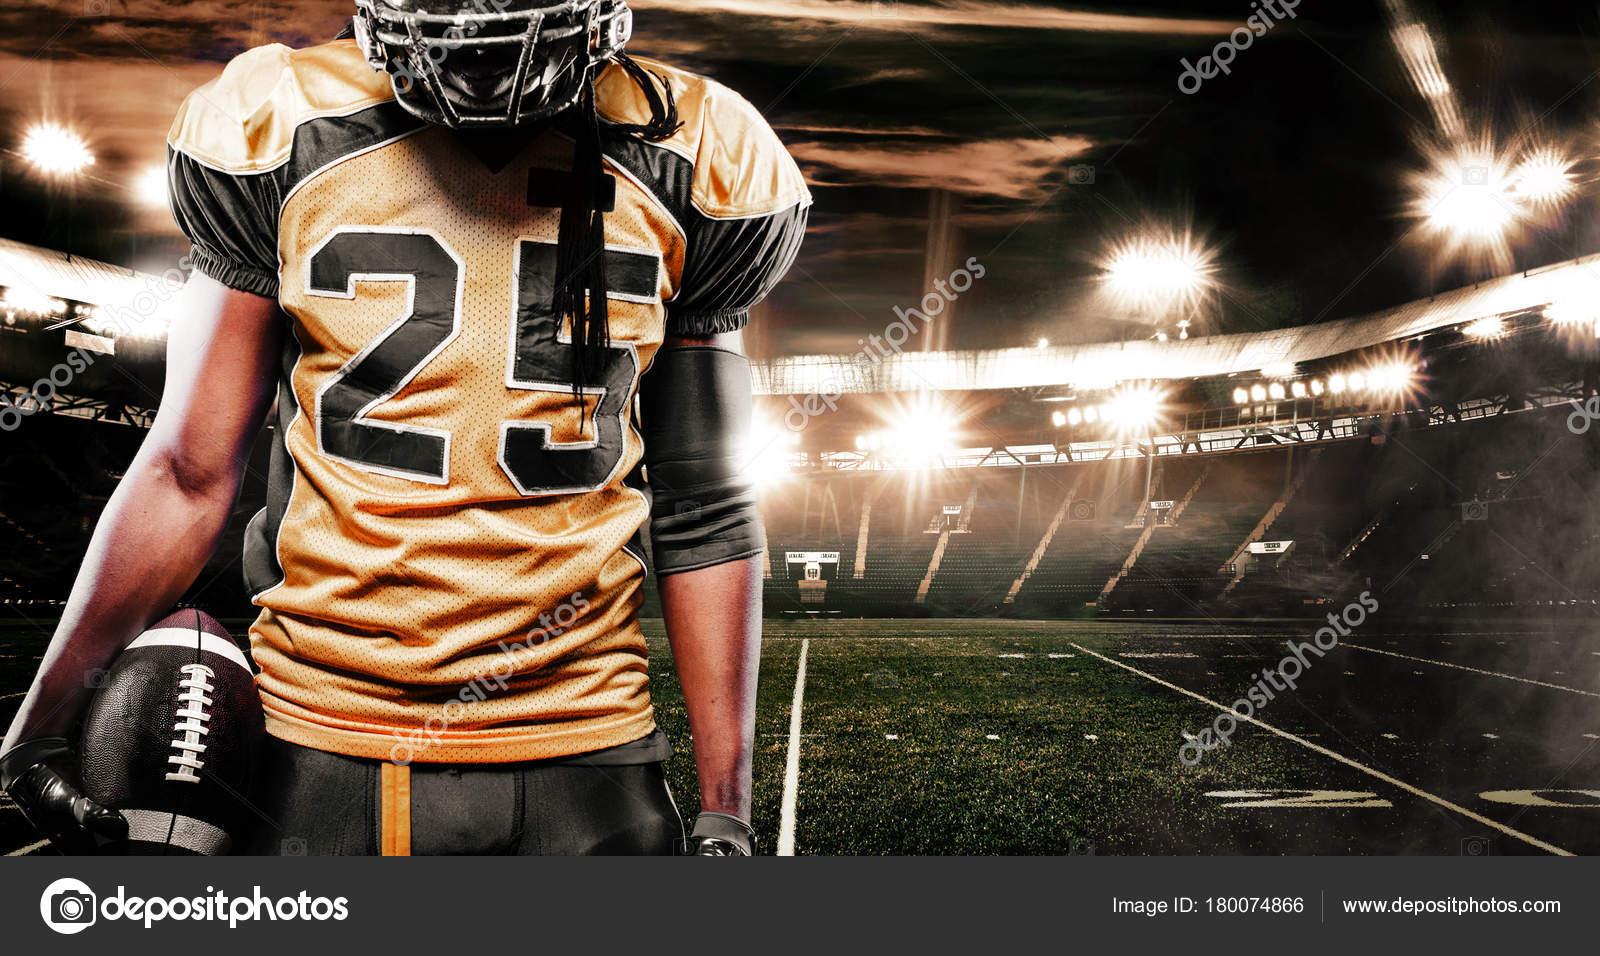 Esporte Tileable Papel De Parede Colorido: Jogador De Futebol Americano Esportista No Estádio. Papel